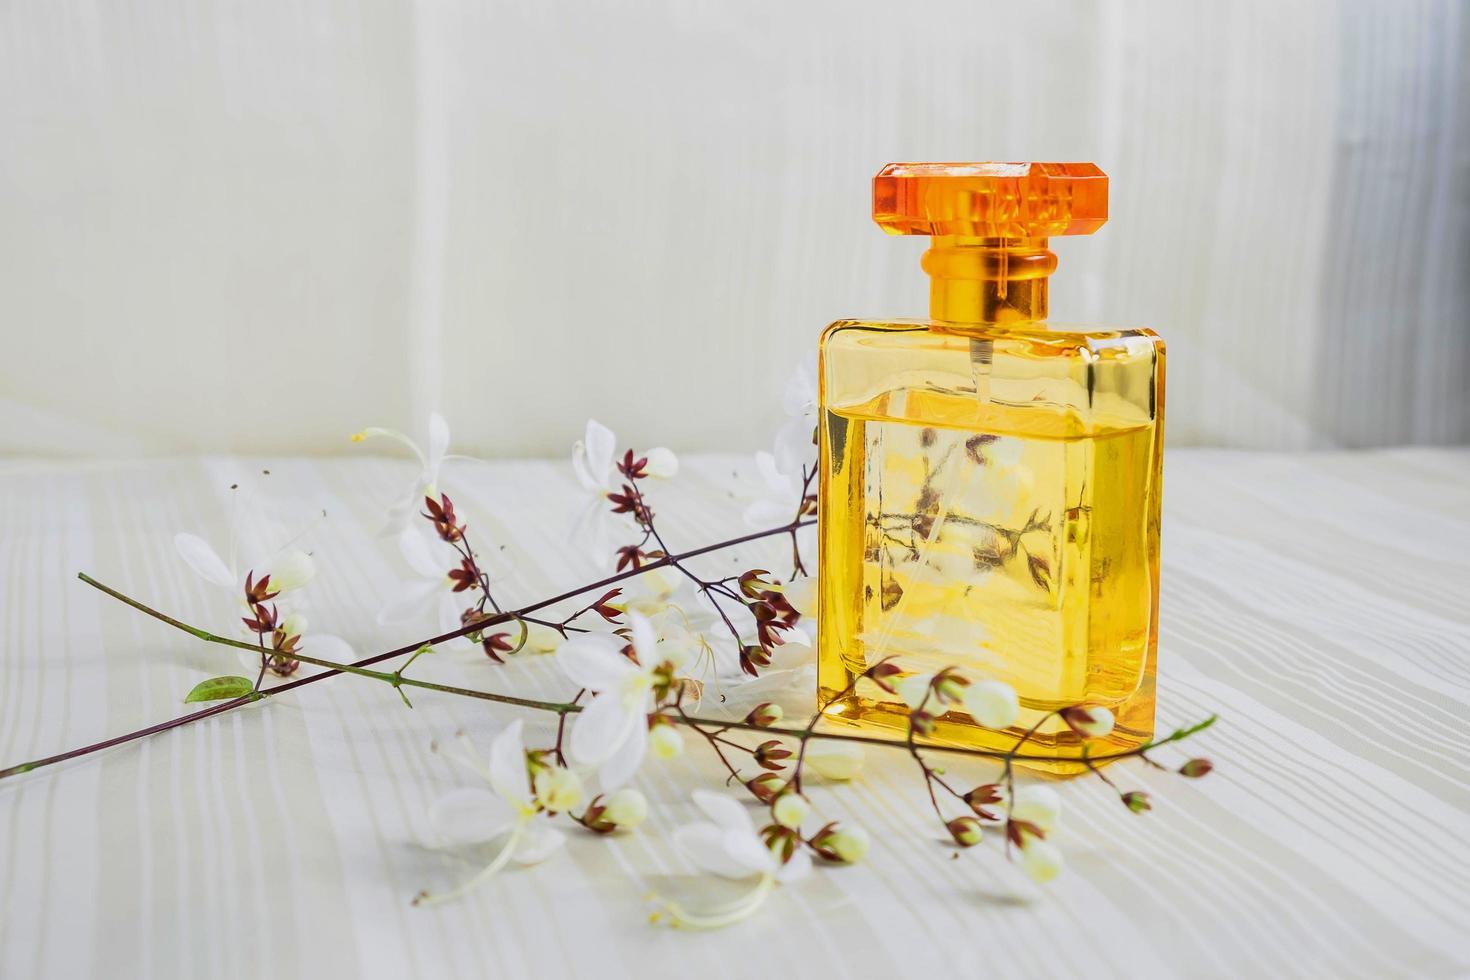 frasco de perfume y flores foto